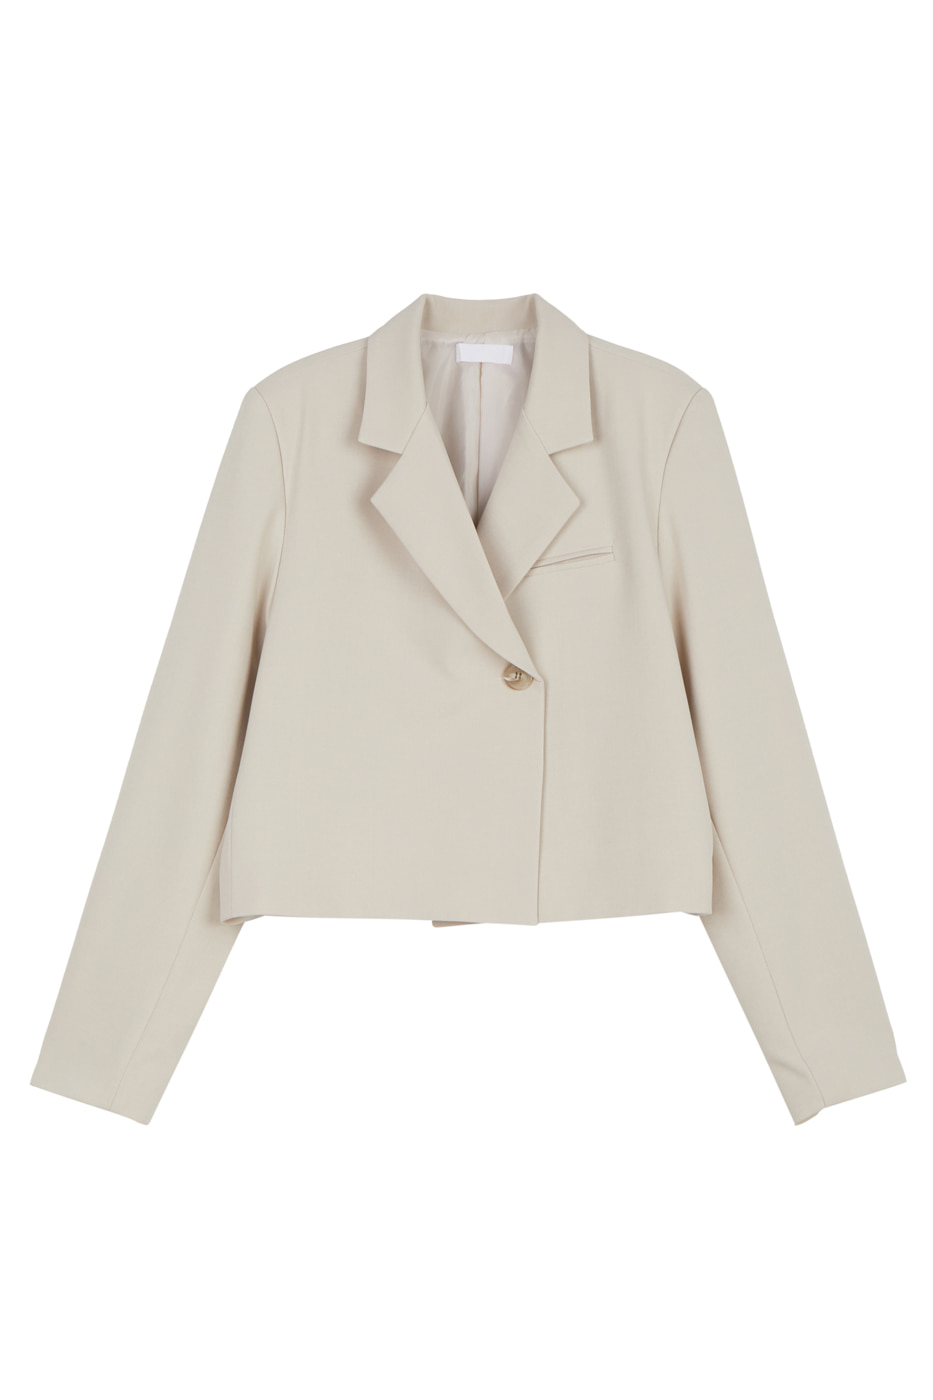 Layered one-button blazer